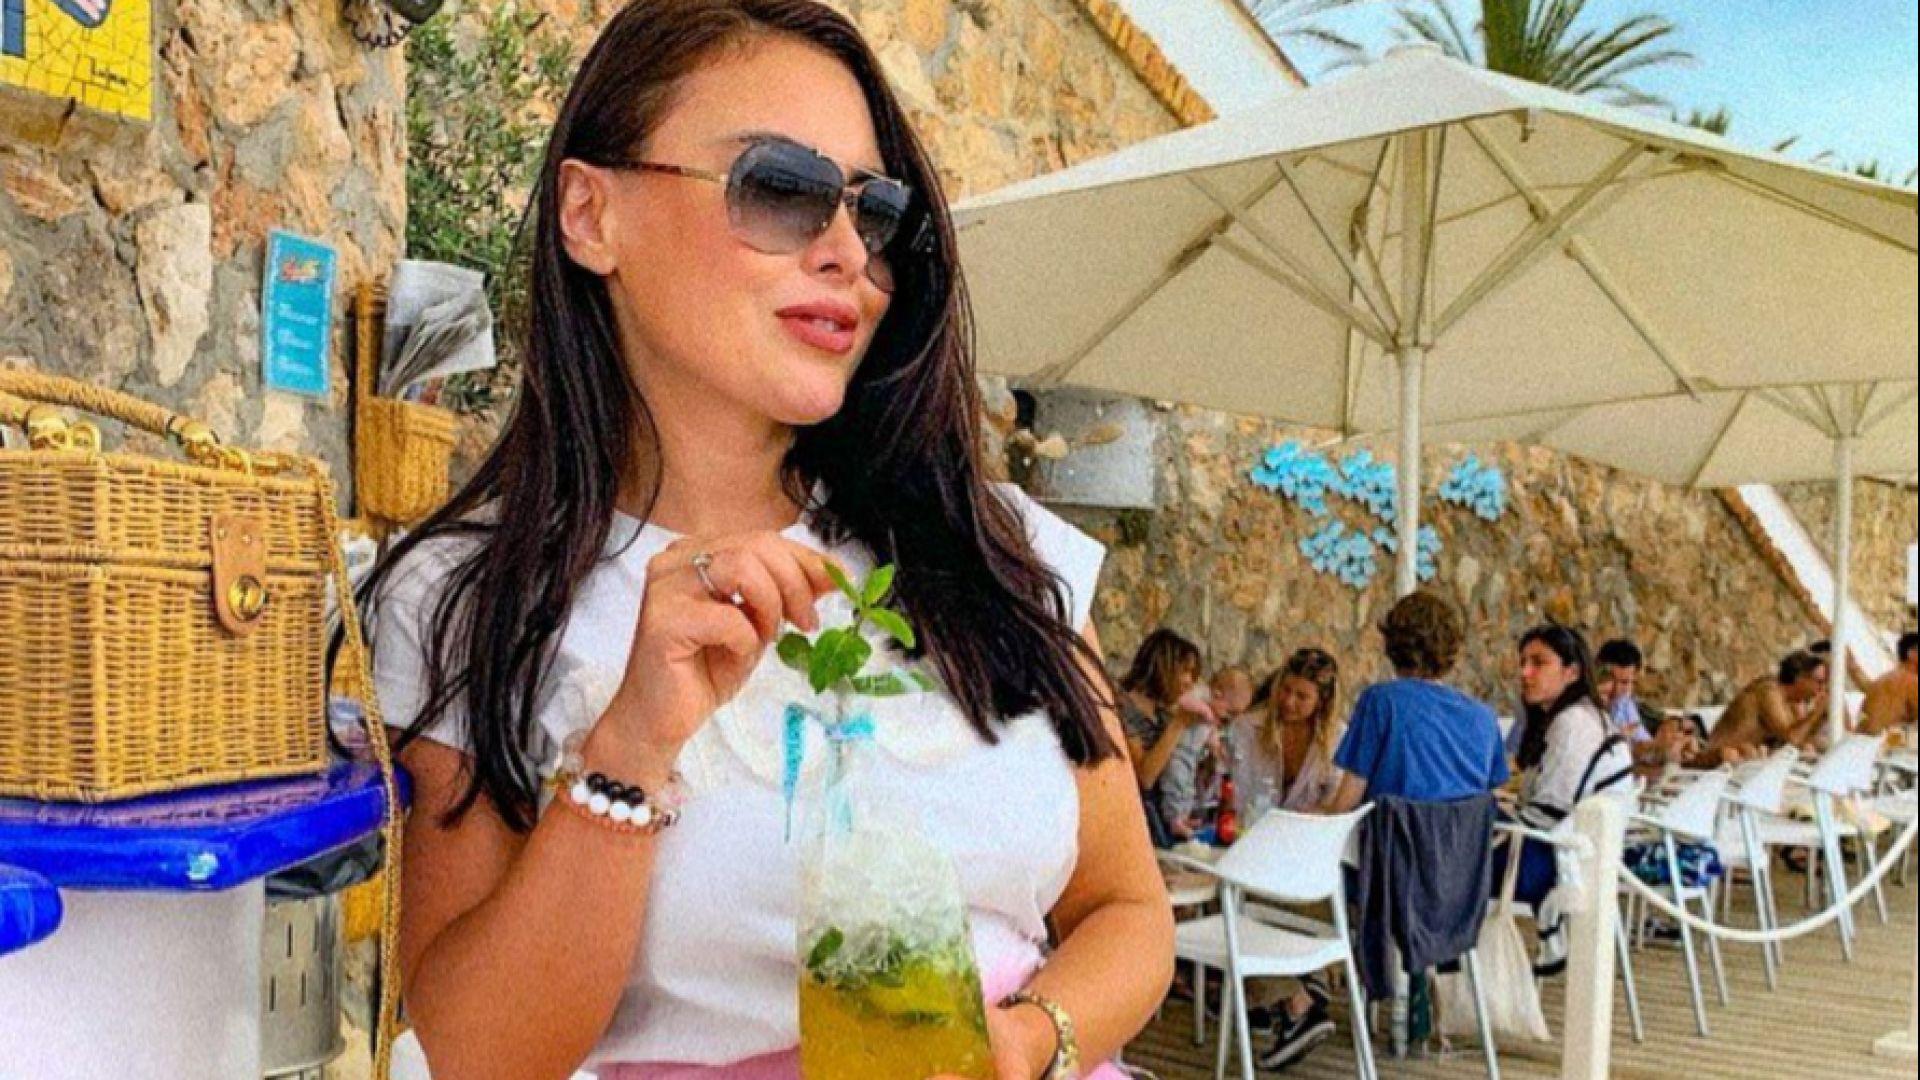 Лили Ангелова се отдаде на слънчеви емоции в Барселона